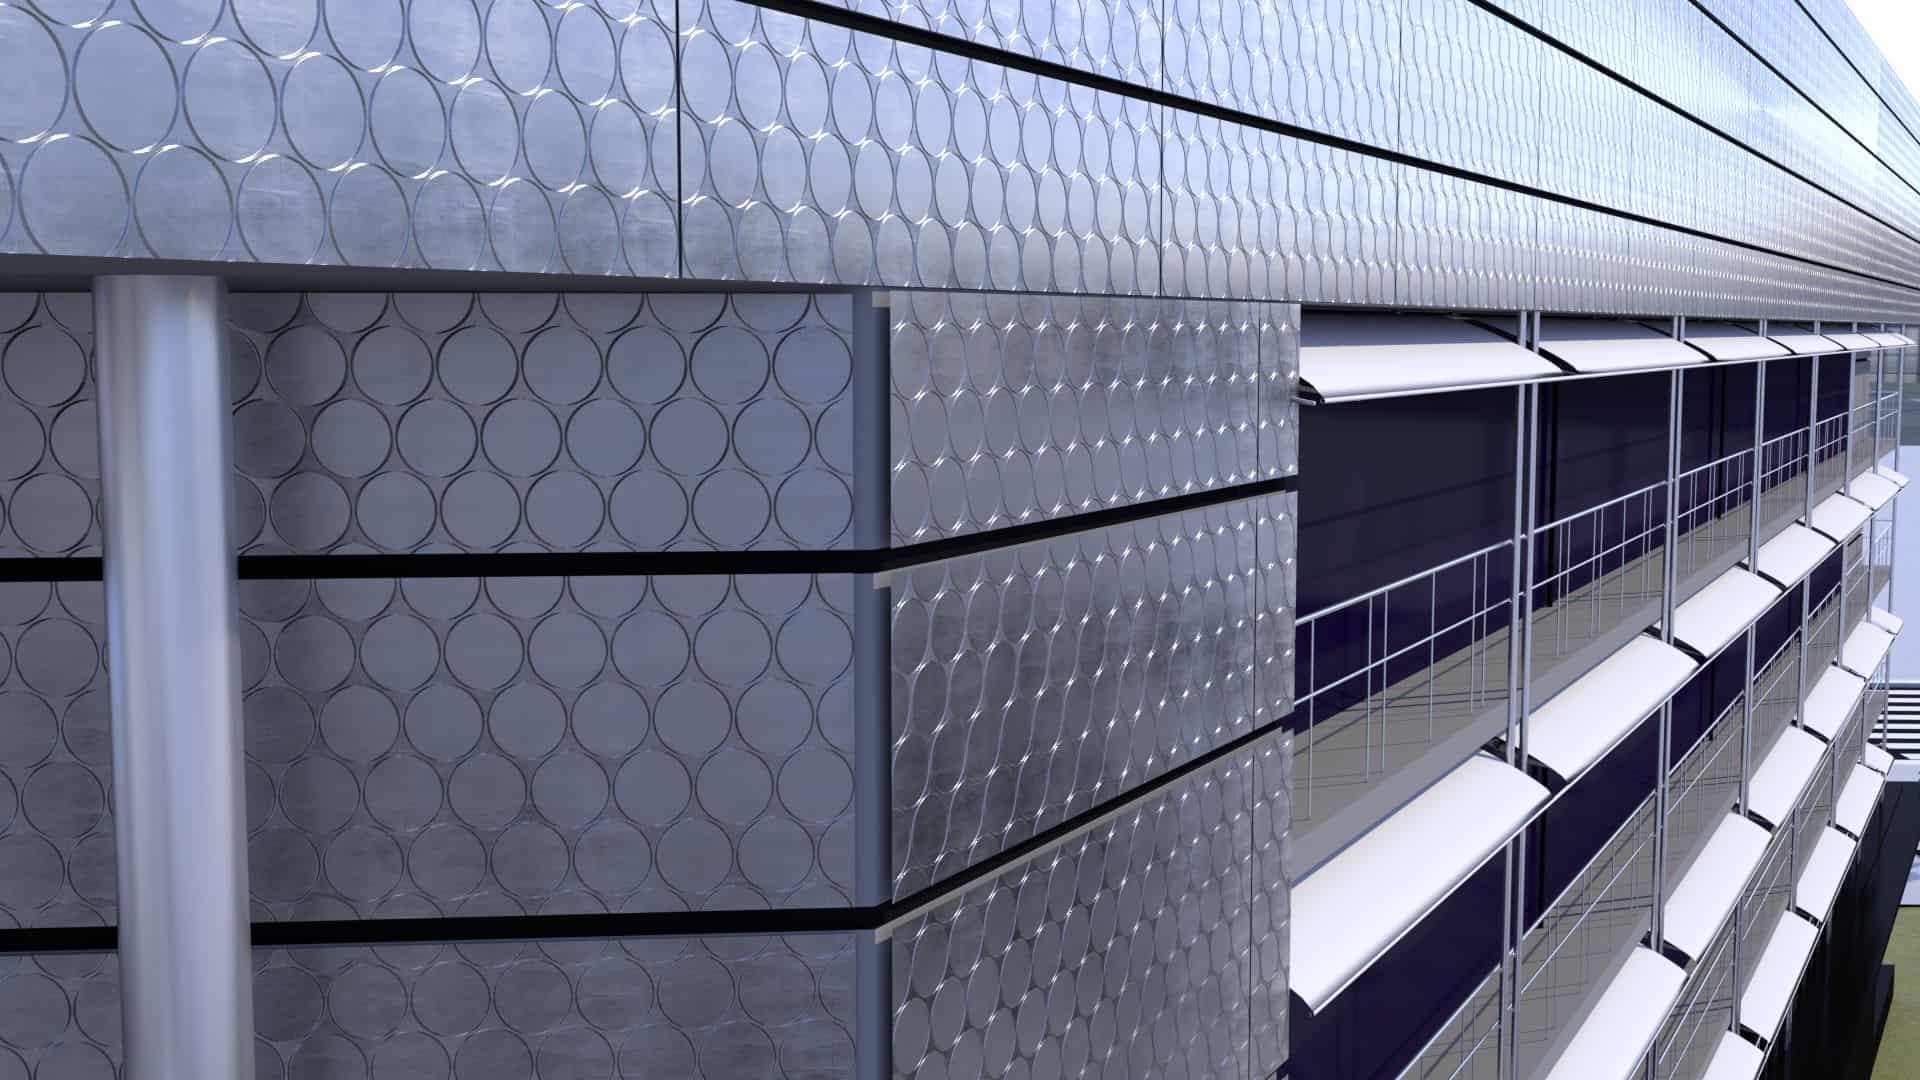 Binder Parametric Metal - Parametric 3D metal facades for